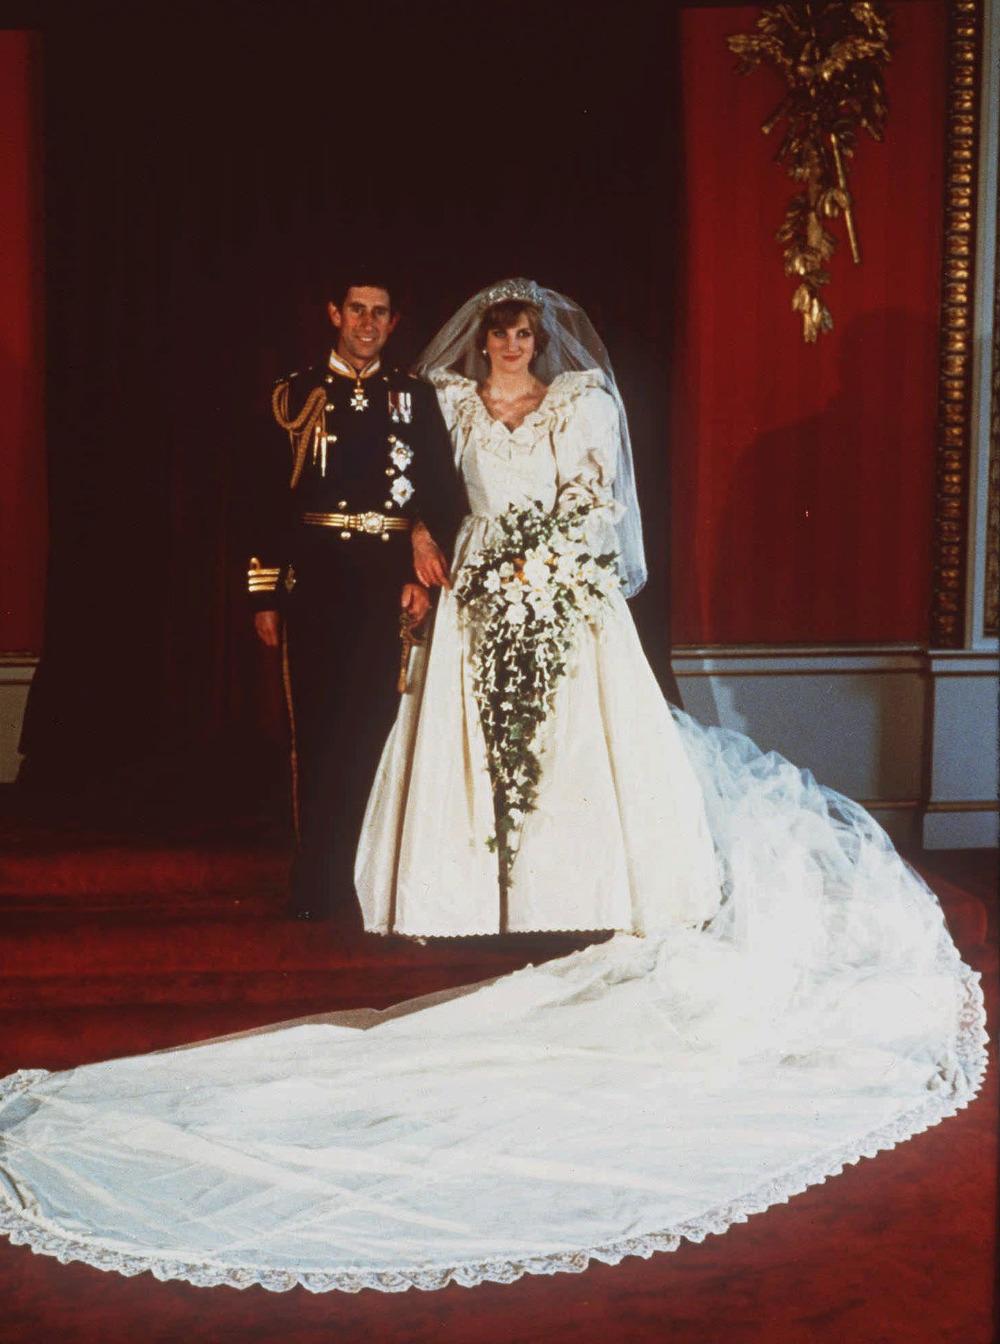 Η πριγκίπισσα Νταϊανα στο πλευρό του πρίγκιπα Καρόλου την ημέρα του γάμου τους